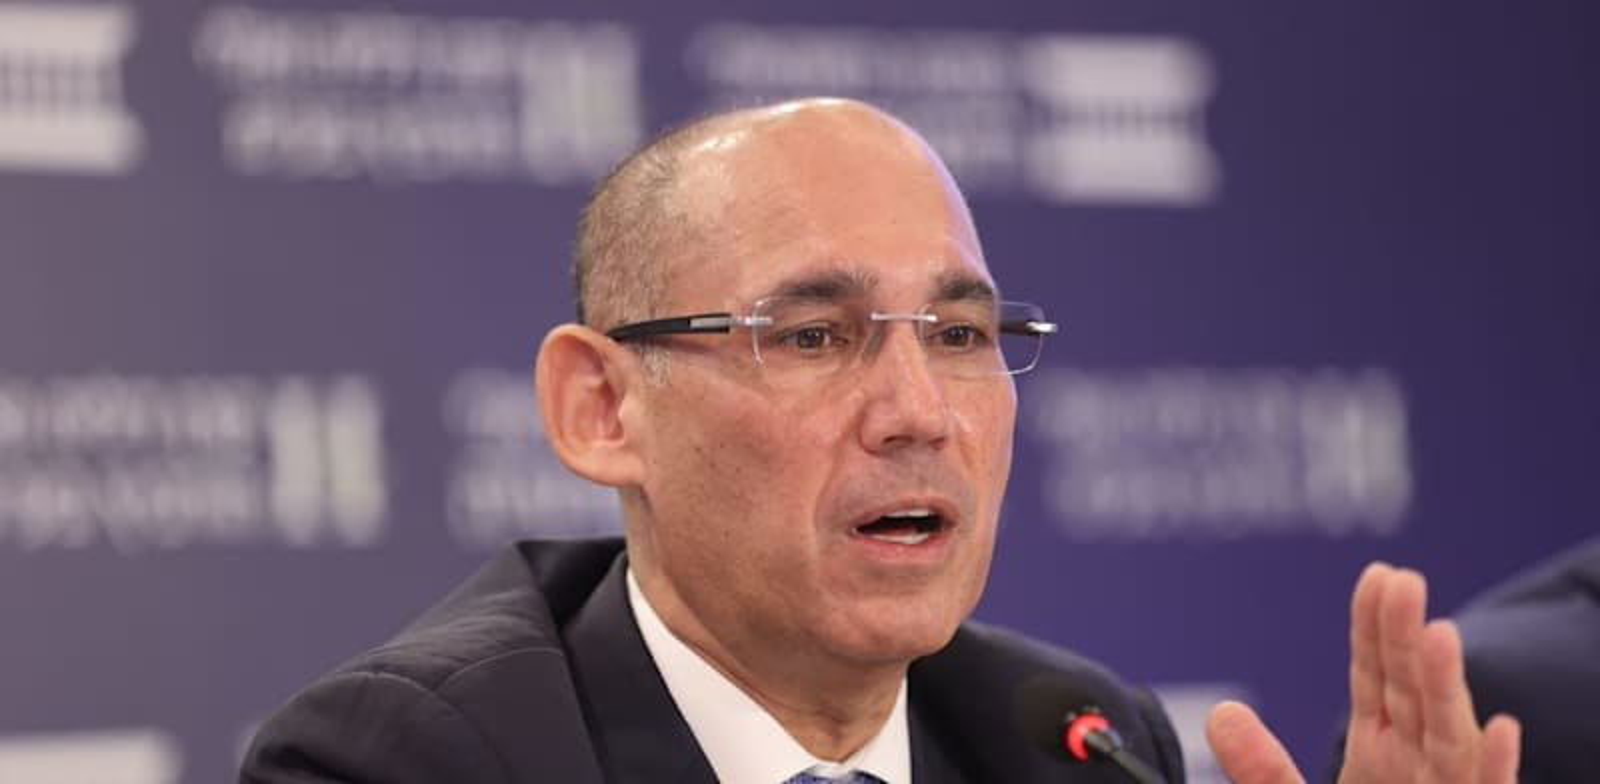 אמיר ירון, נגיד בנק ישראל / צילום: המכון הישראלי לדמוקרטיה